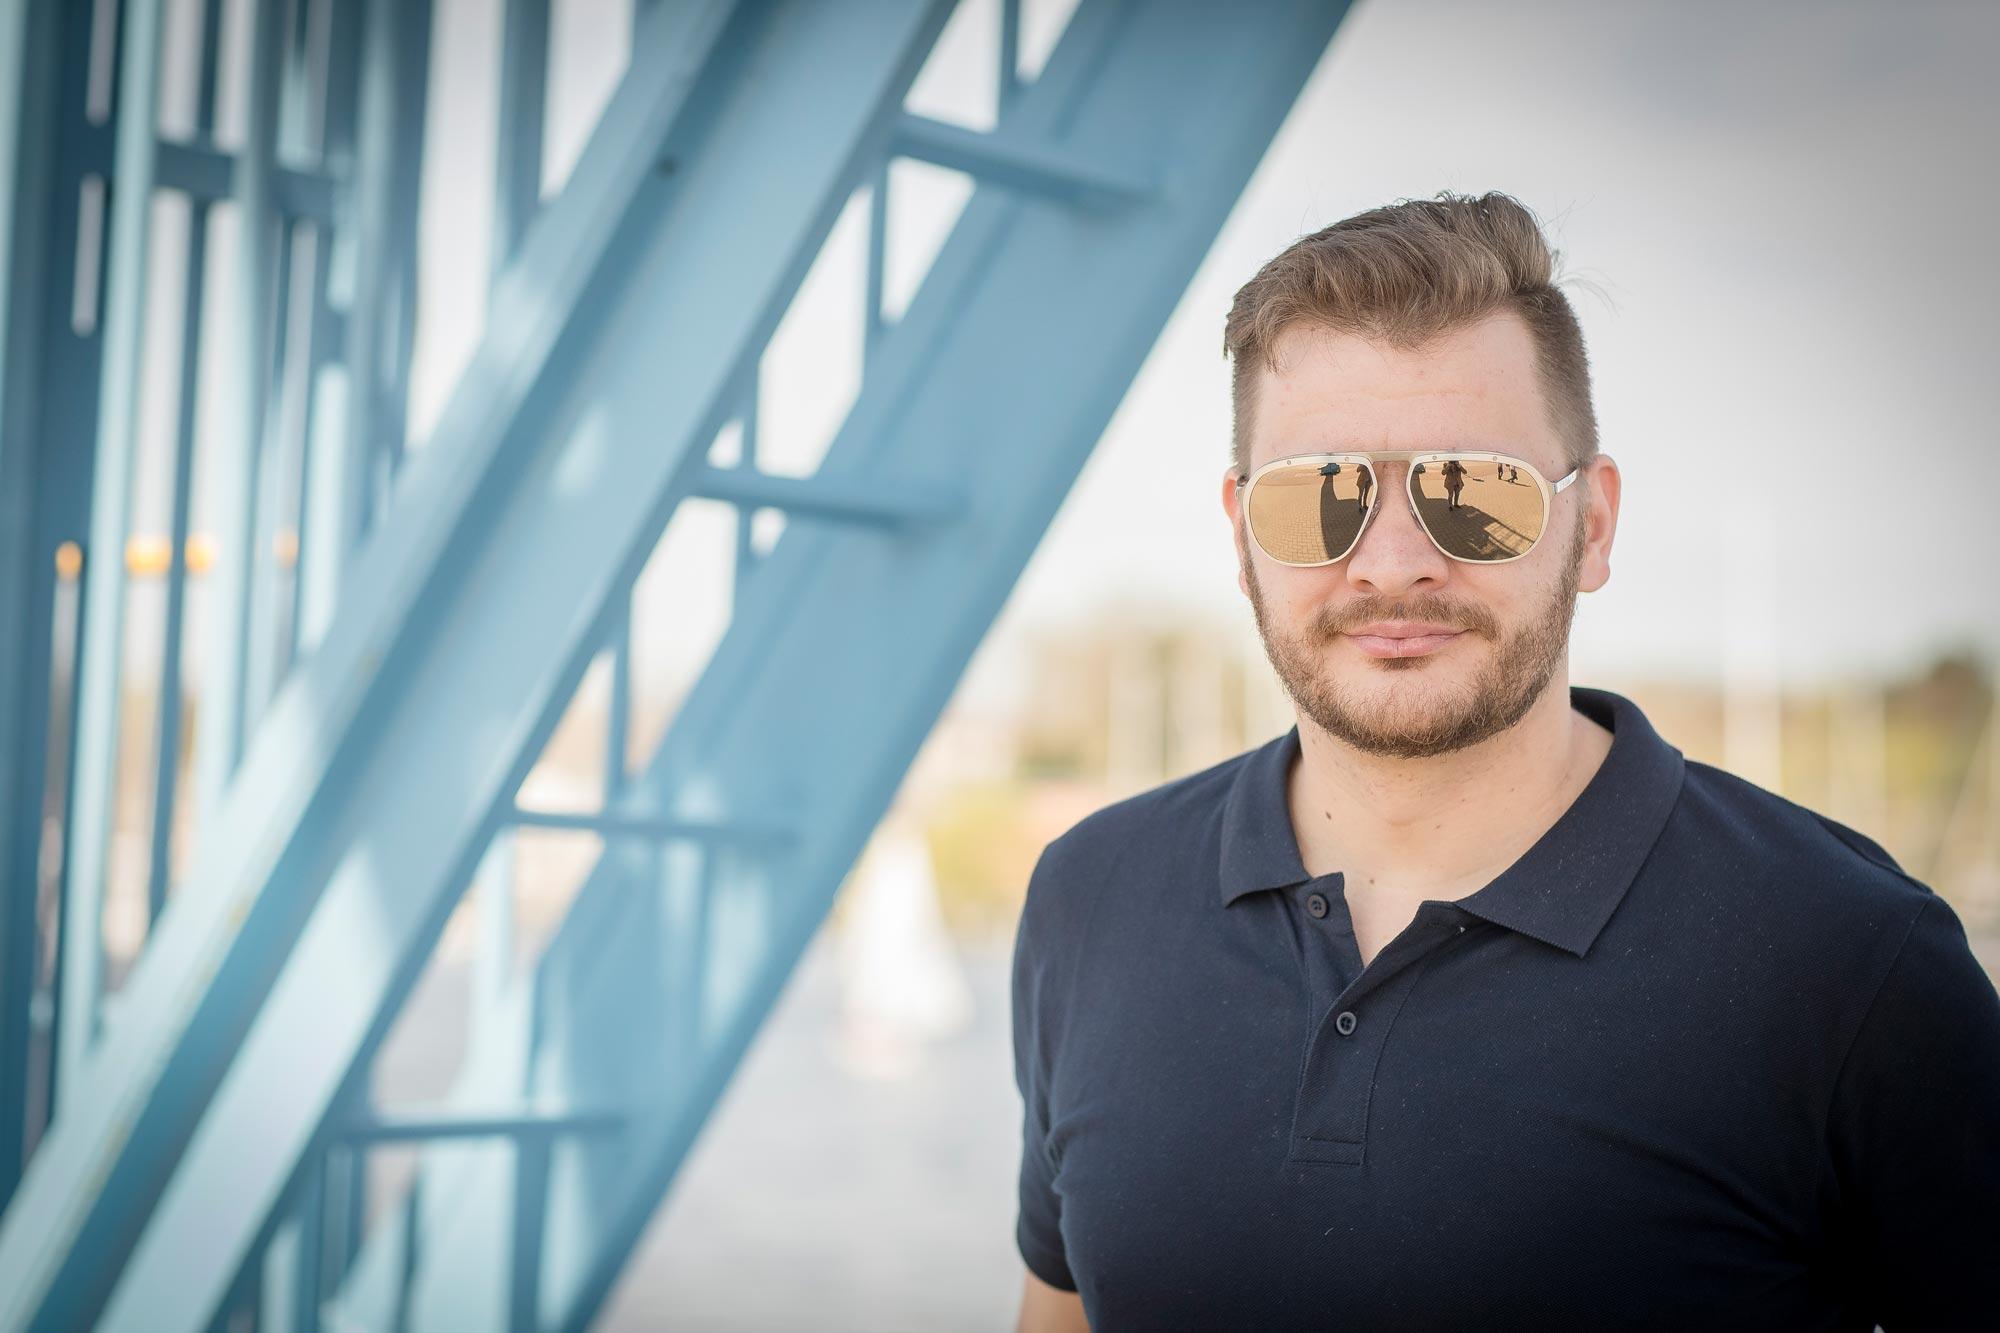 Andreas Techow ist Augenoptiker bei Optik Sagawe im Rostocker Hof - hat hier eine Sonnenbrille von Cartier auf